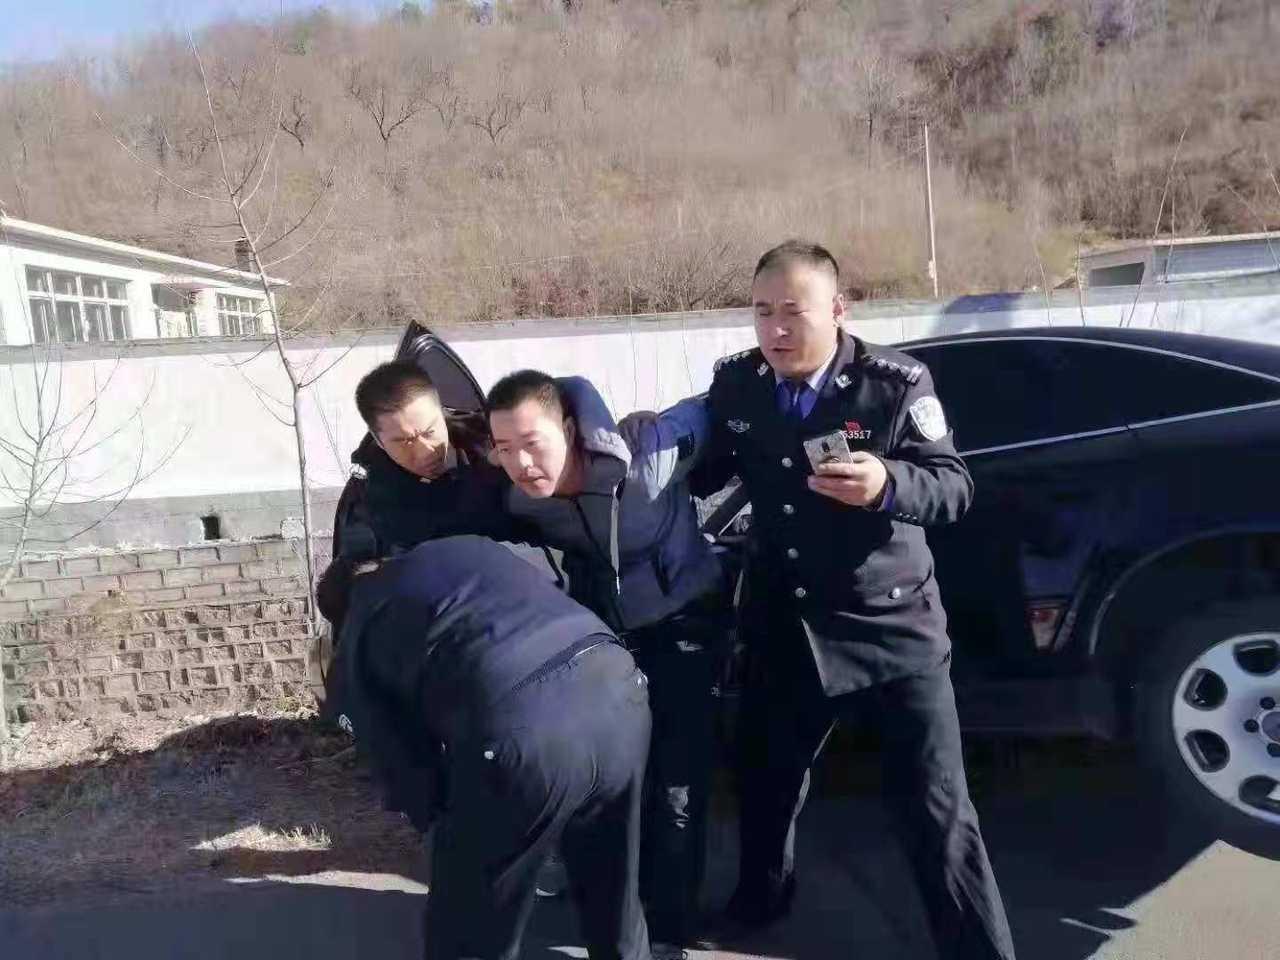 葫蘆島撞童案至少5死 目擊者講述悲慘一幕